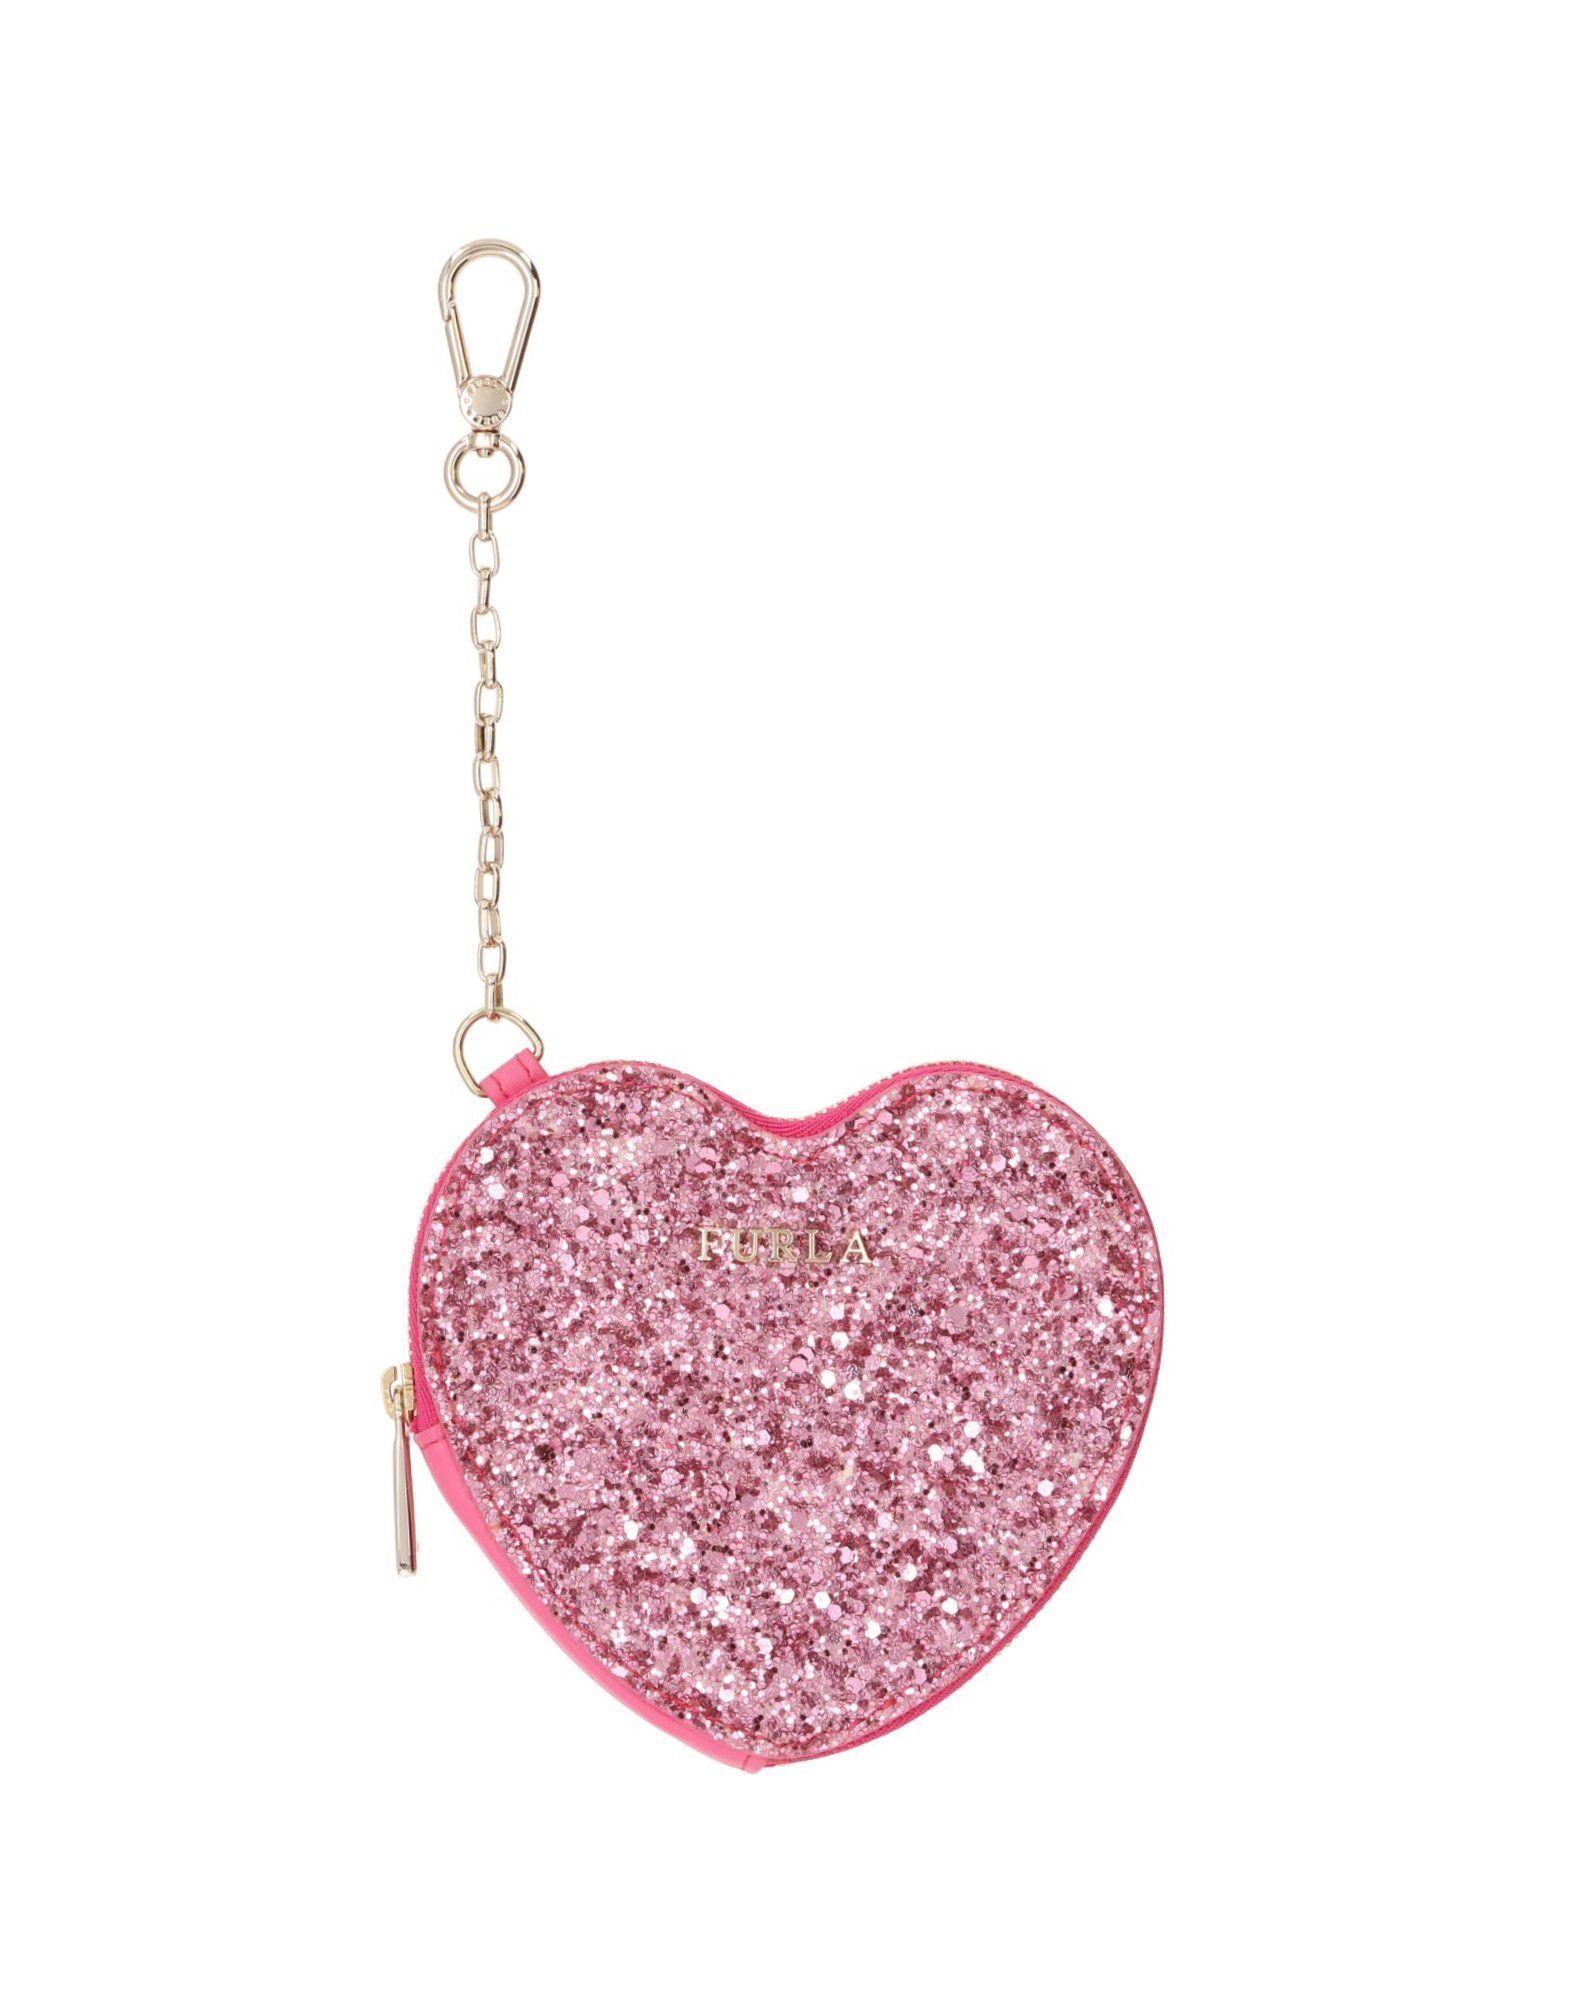 FURLA Кошелек для монет pink dandelion design кожа pu откидной крышки кошелек для карты держатель для samsung j5prime